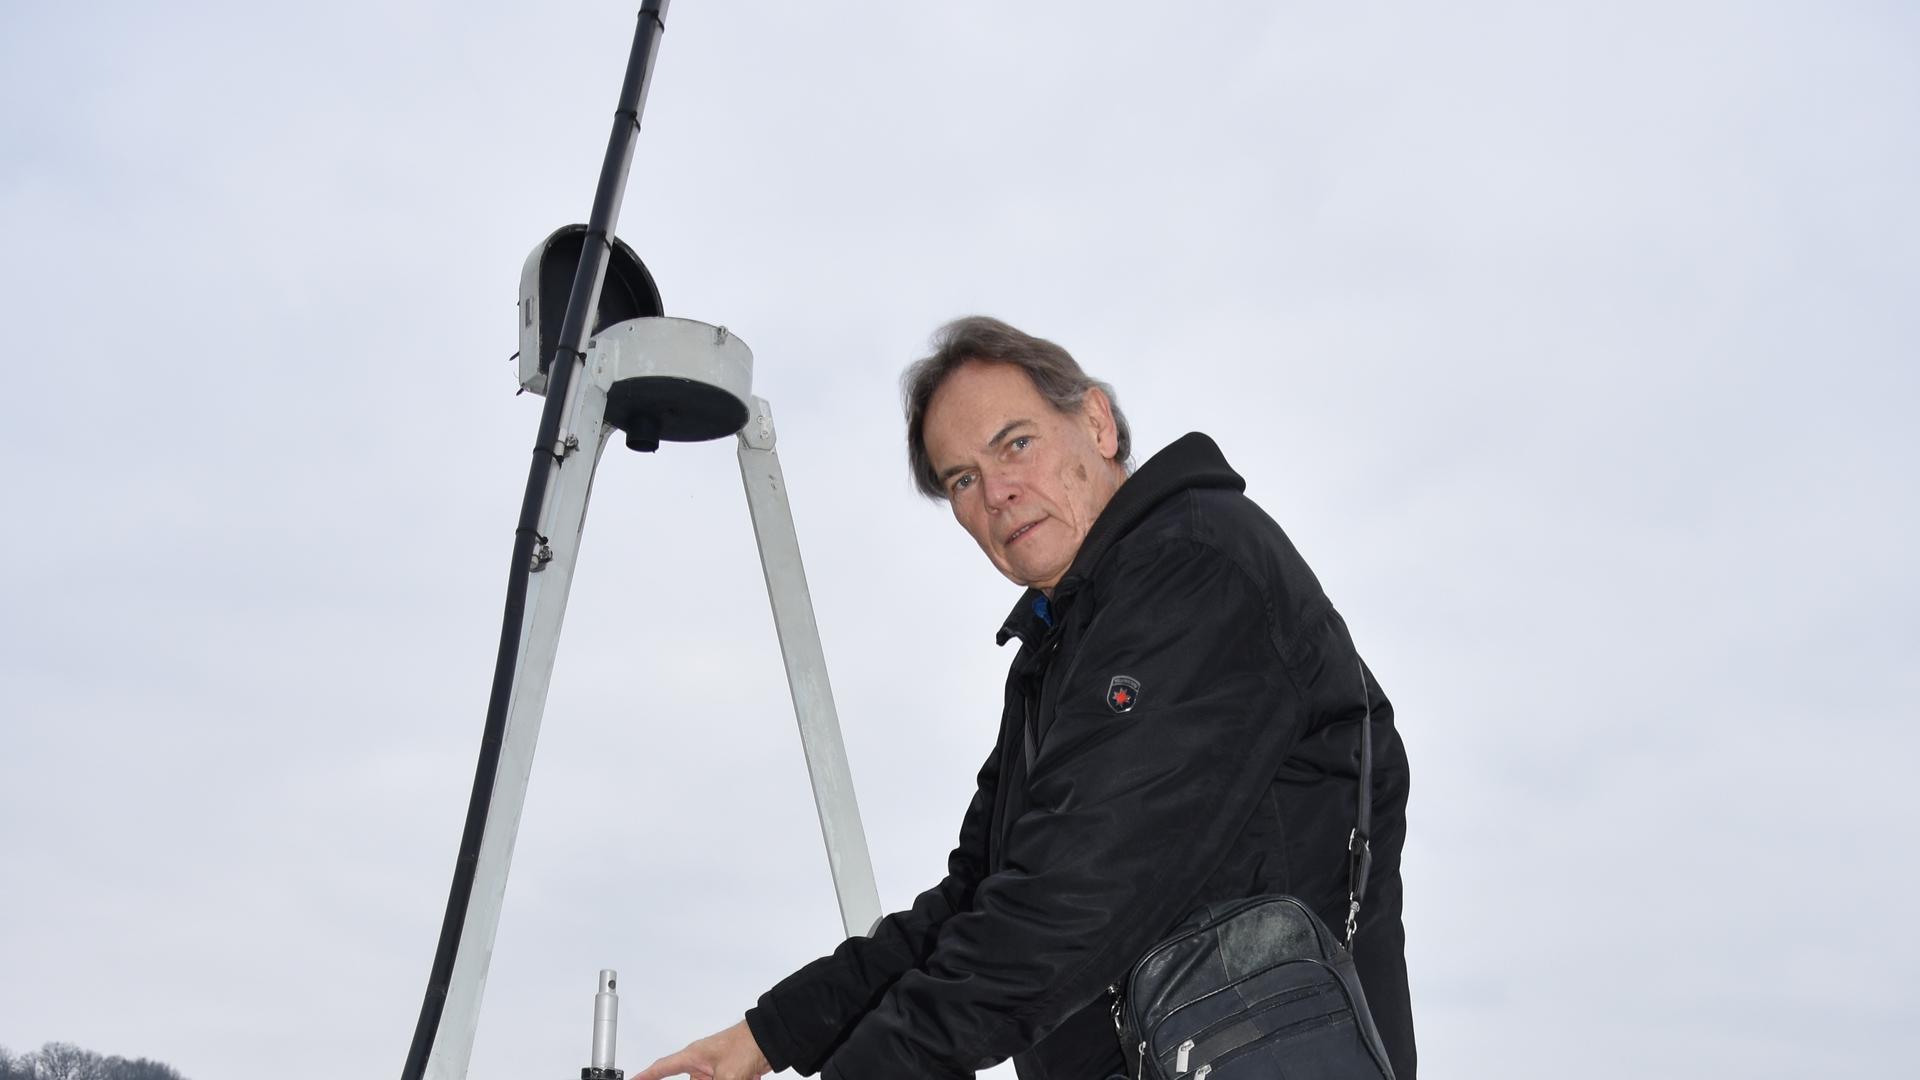 Thomas Felgner auf einer Leiter auf dem Dach des Albert-Schweitzer-Gymnasiums an der Meteoriten-Ortungskamera